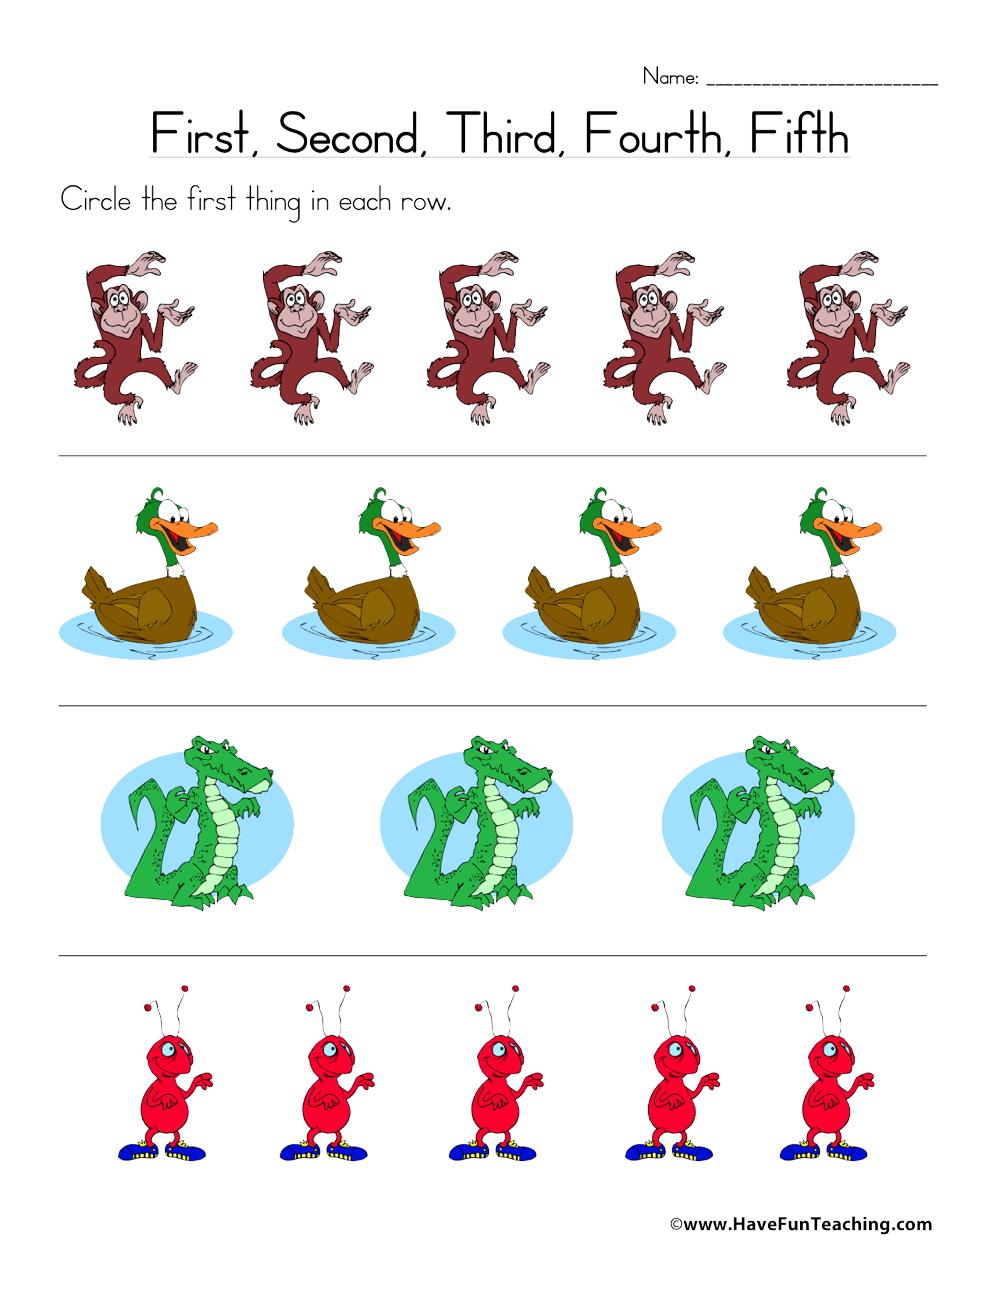 Ordinal Numbers Worksheet - Have Fun Teaching